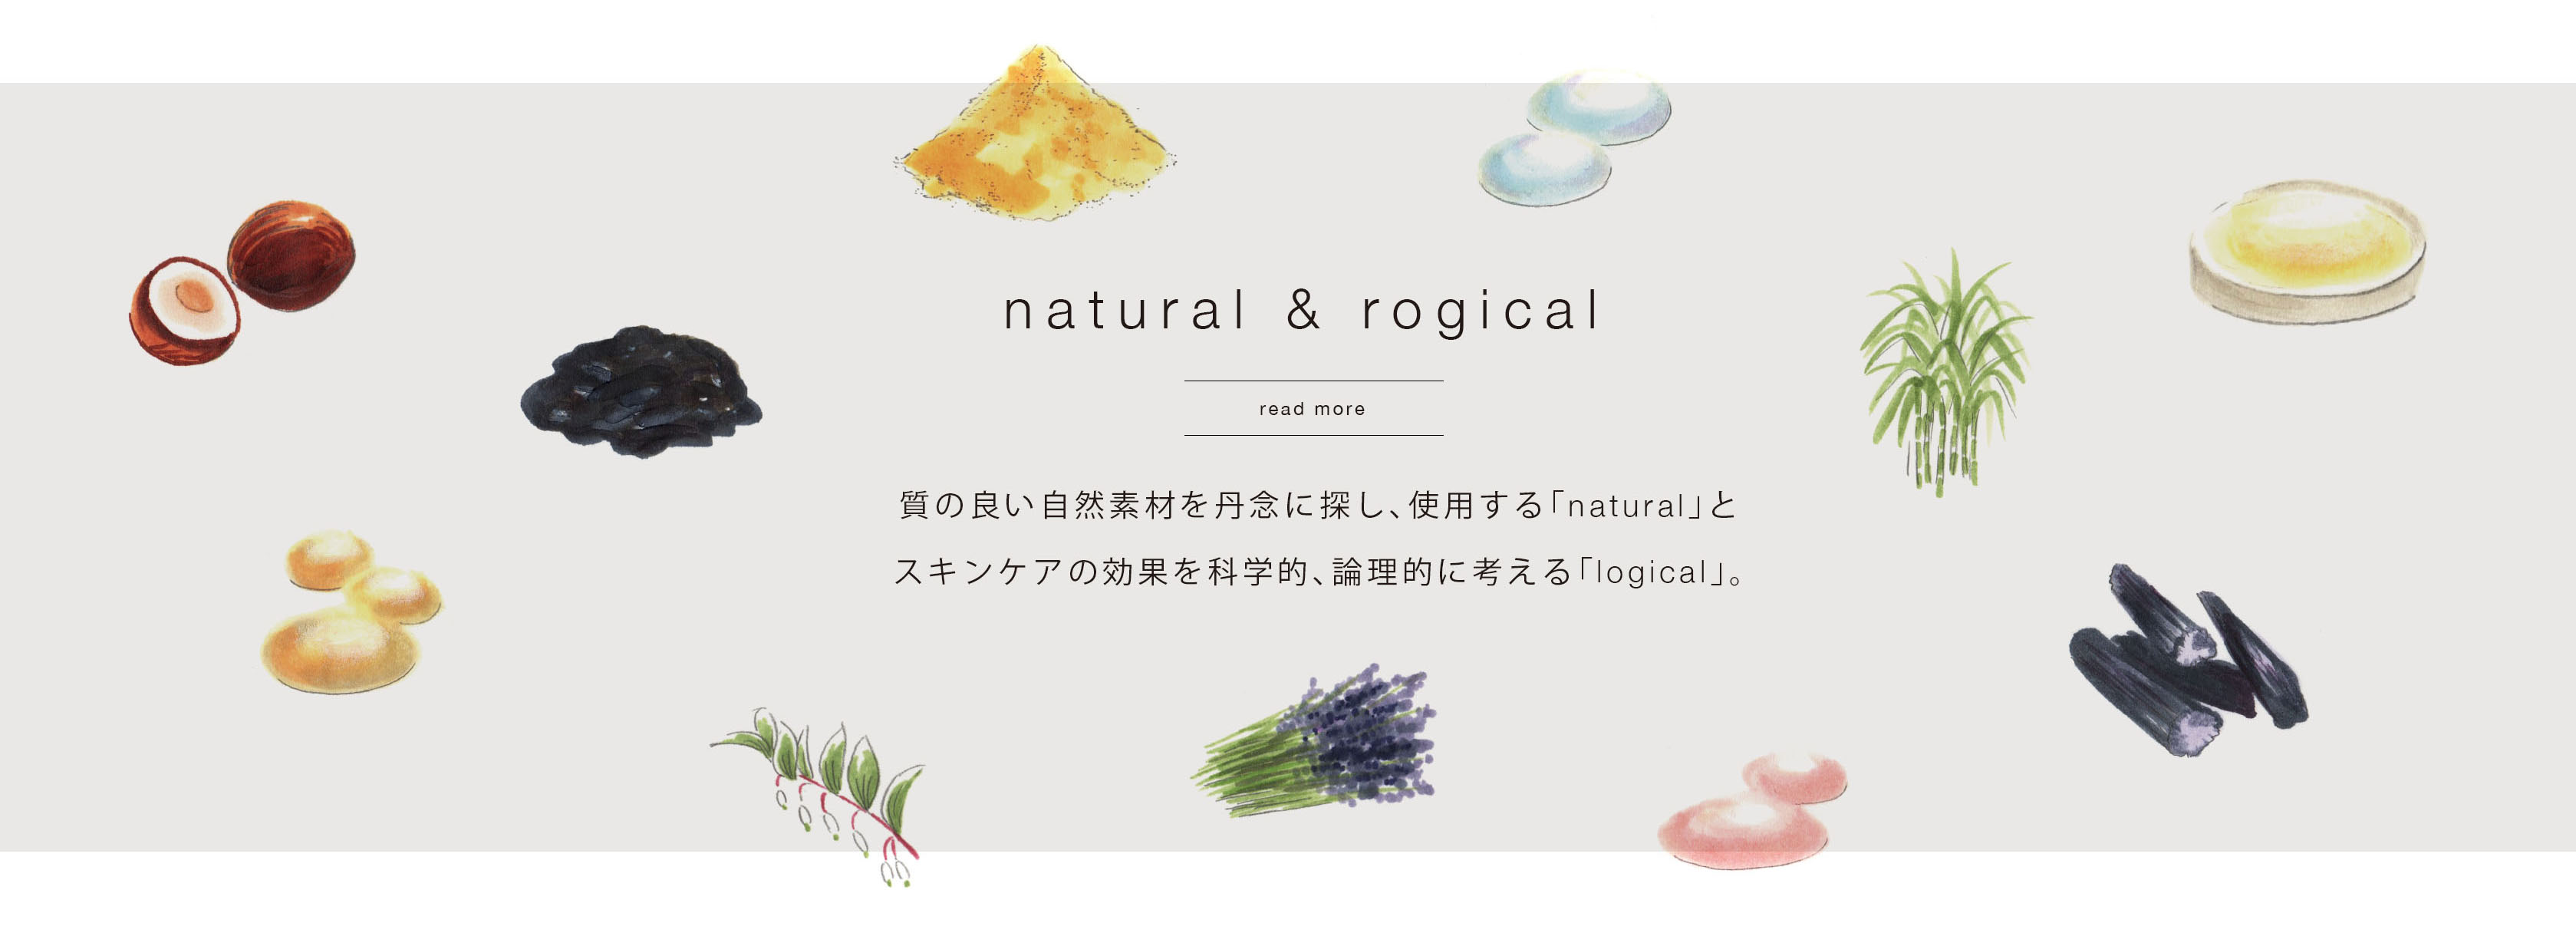 質の良い自然素材を丹念に探し、使用する「natural」とスキンケアの効果を科学的、論理的に考える「logical」。